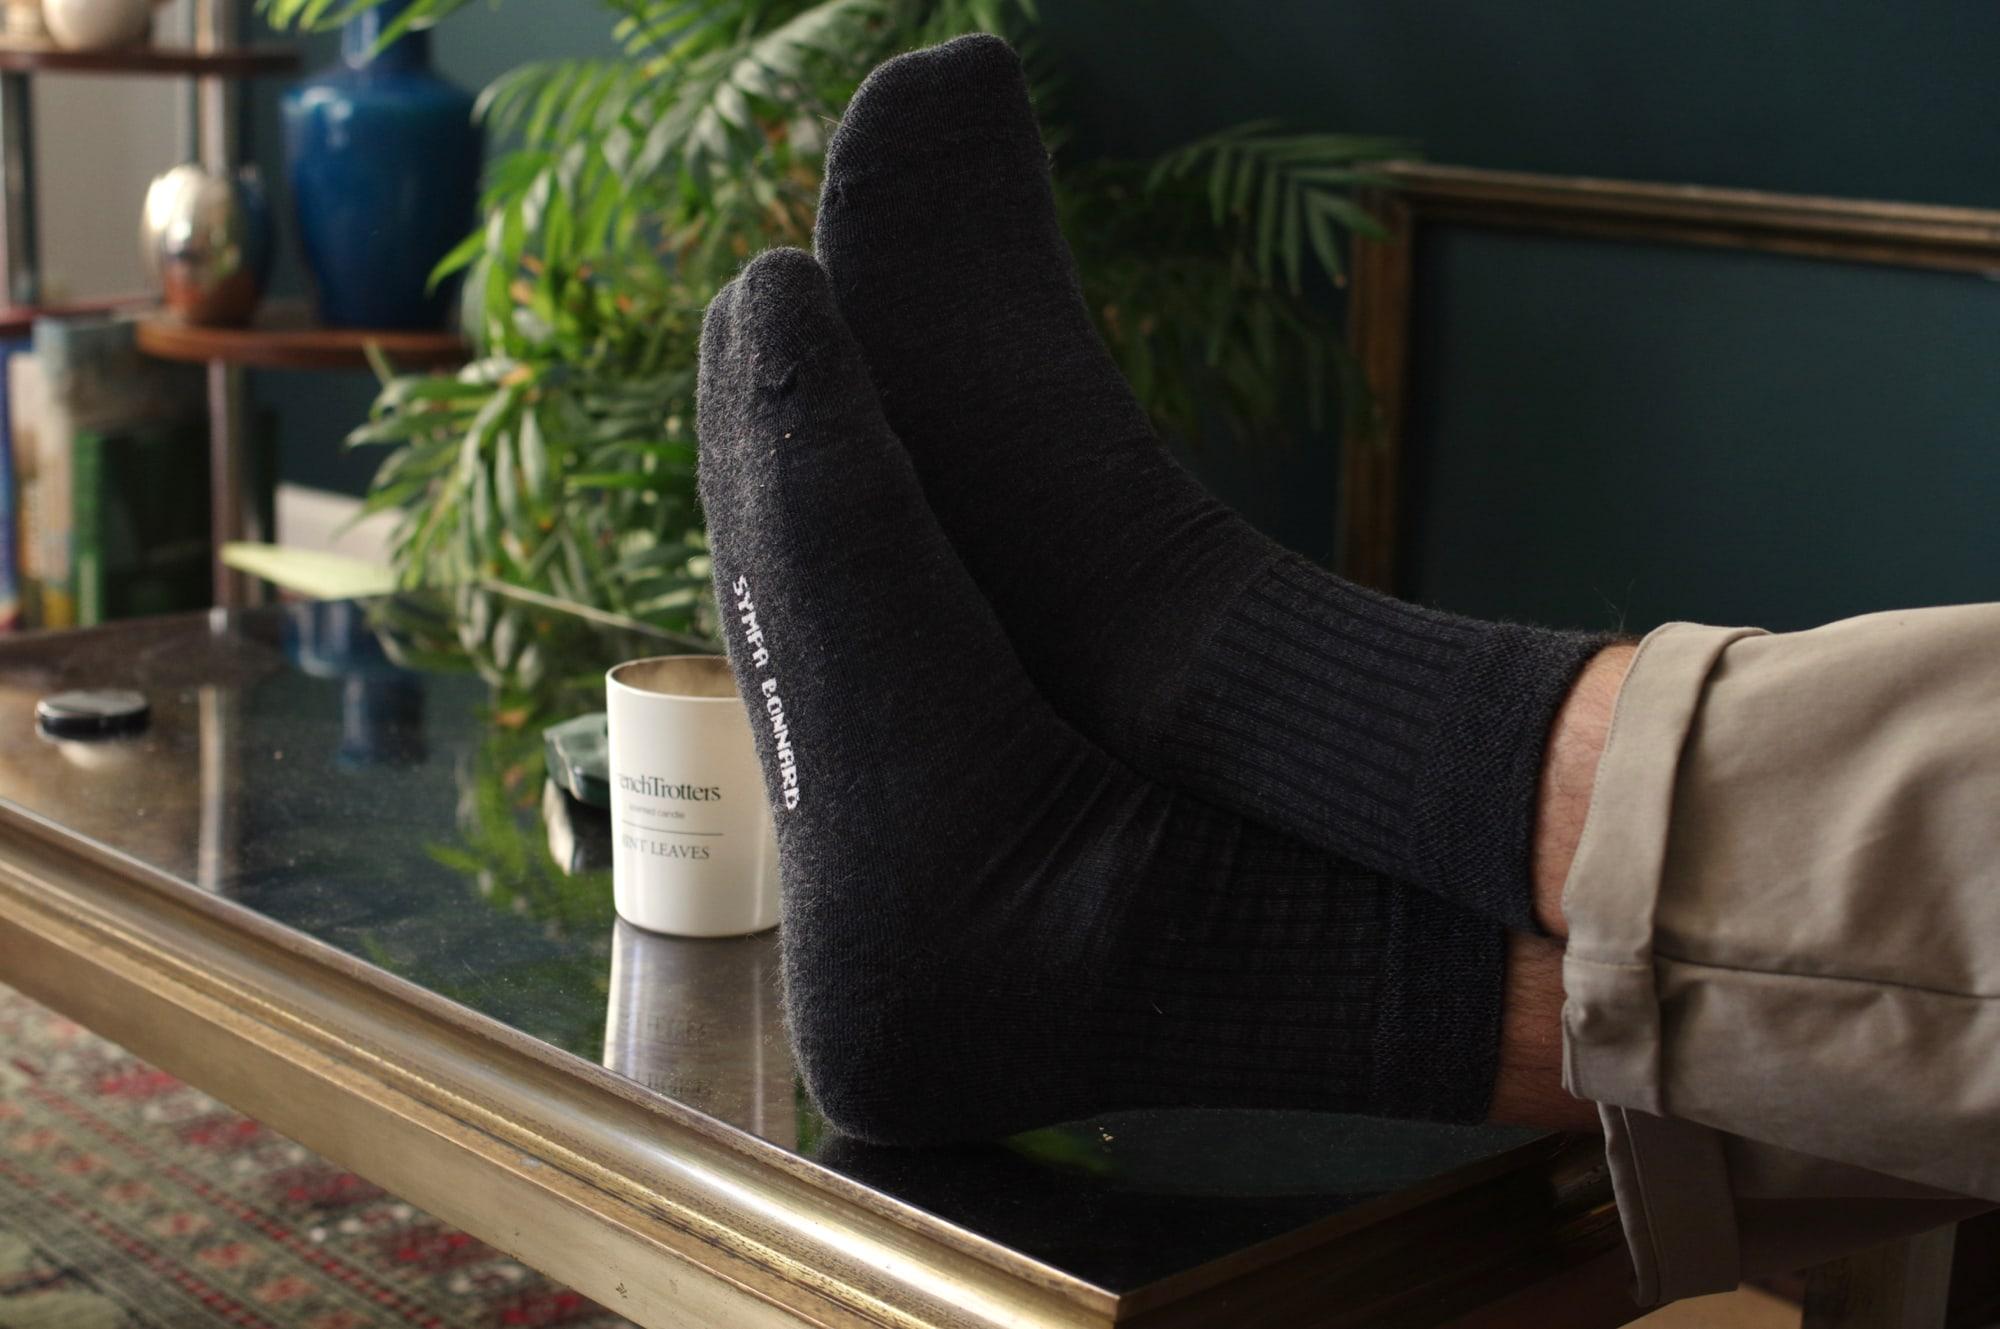 comment choisir des chausettes en laine mérinos les meilleures sympa bonnard equitable et faite en suisse